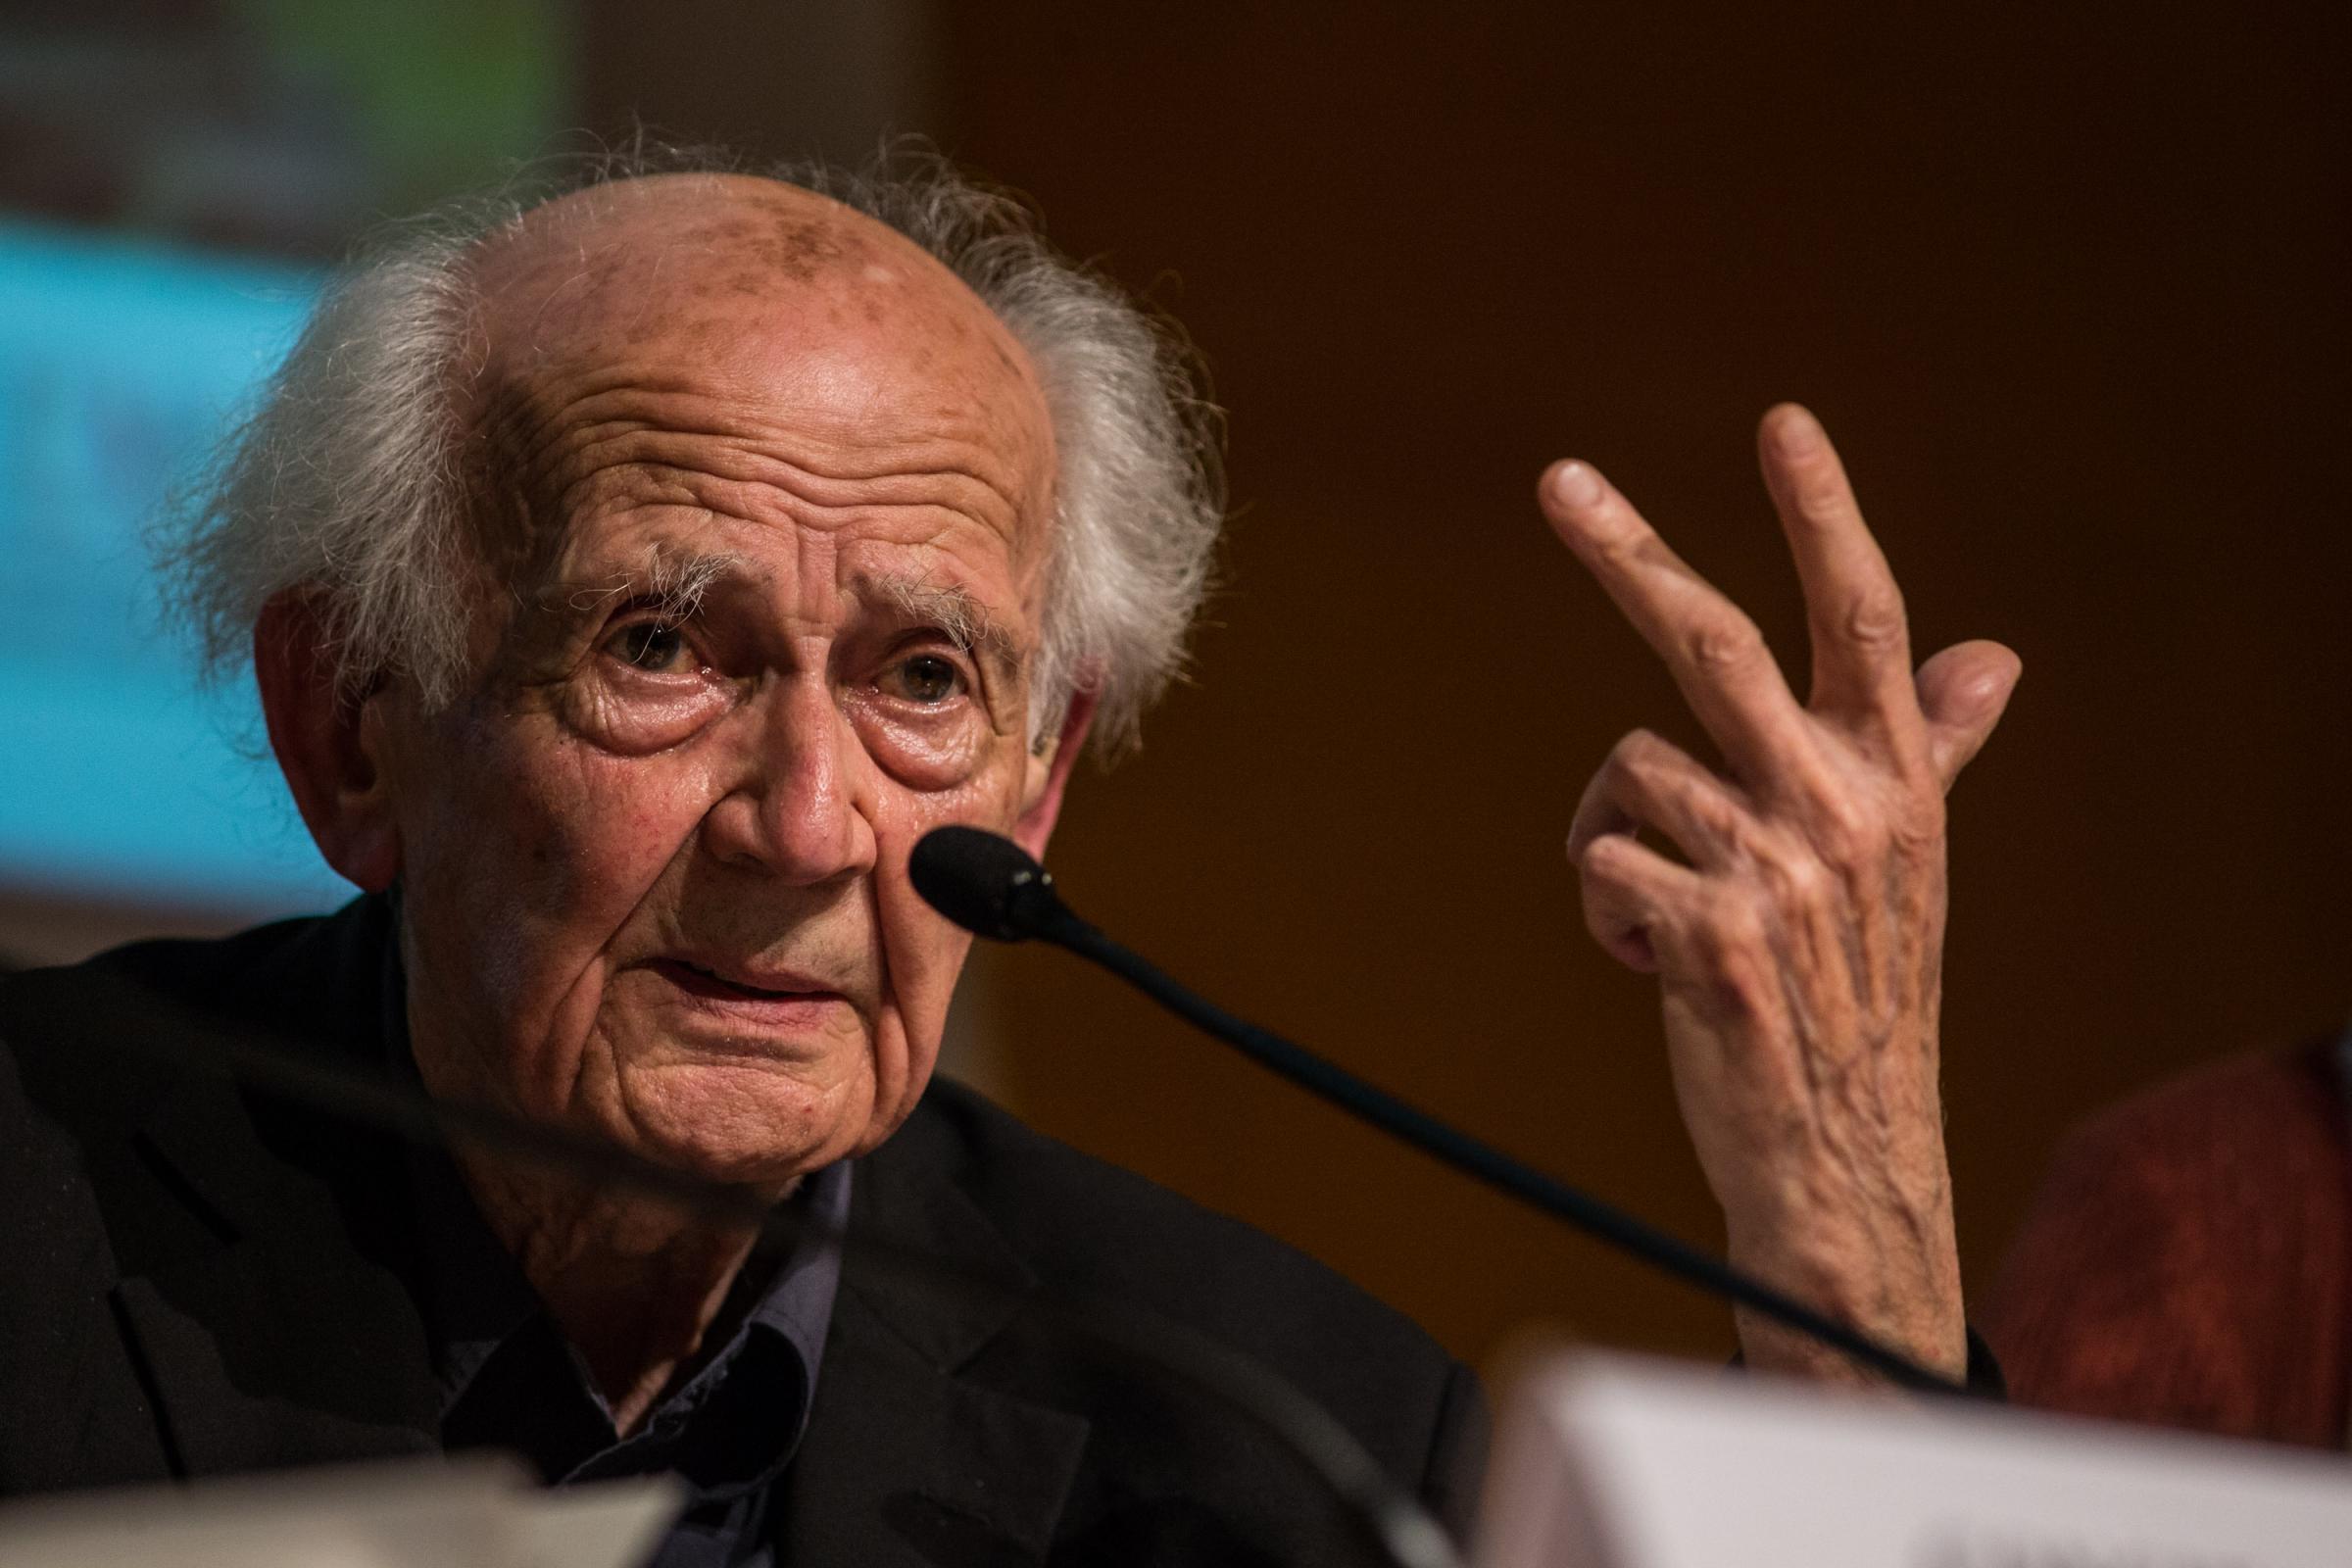 Morto Zygmunt Bauman, il filosofo aveva 91 anni